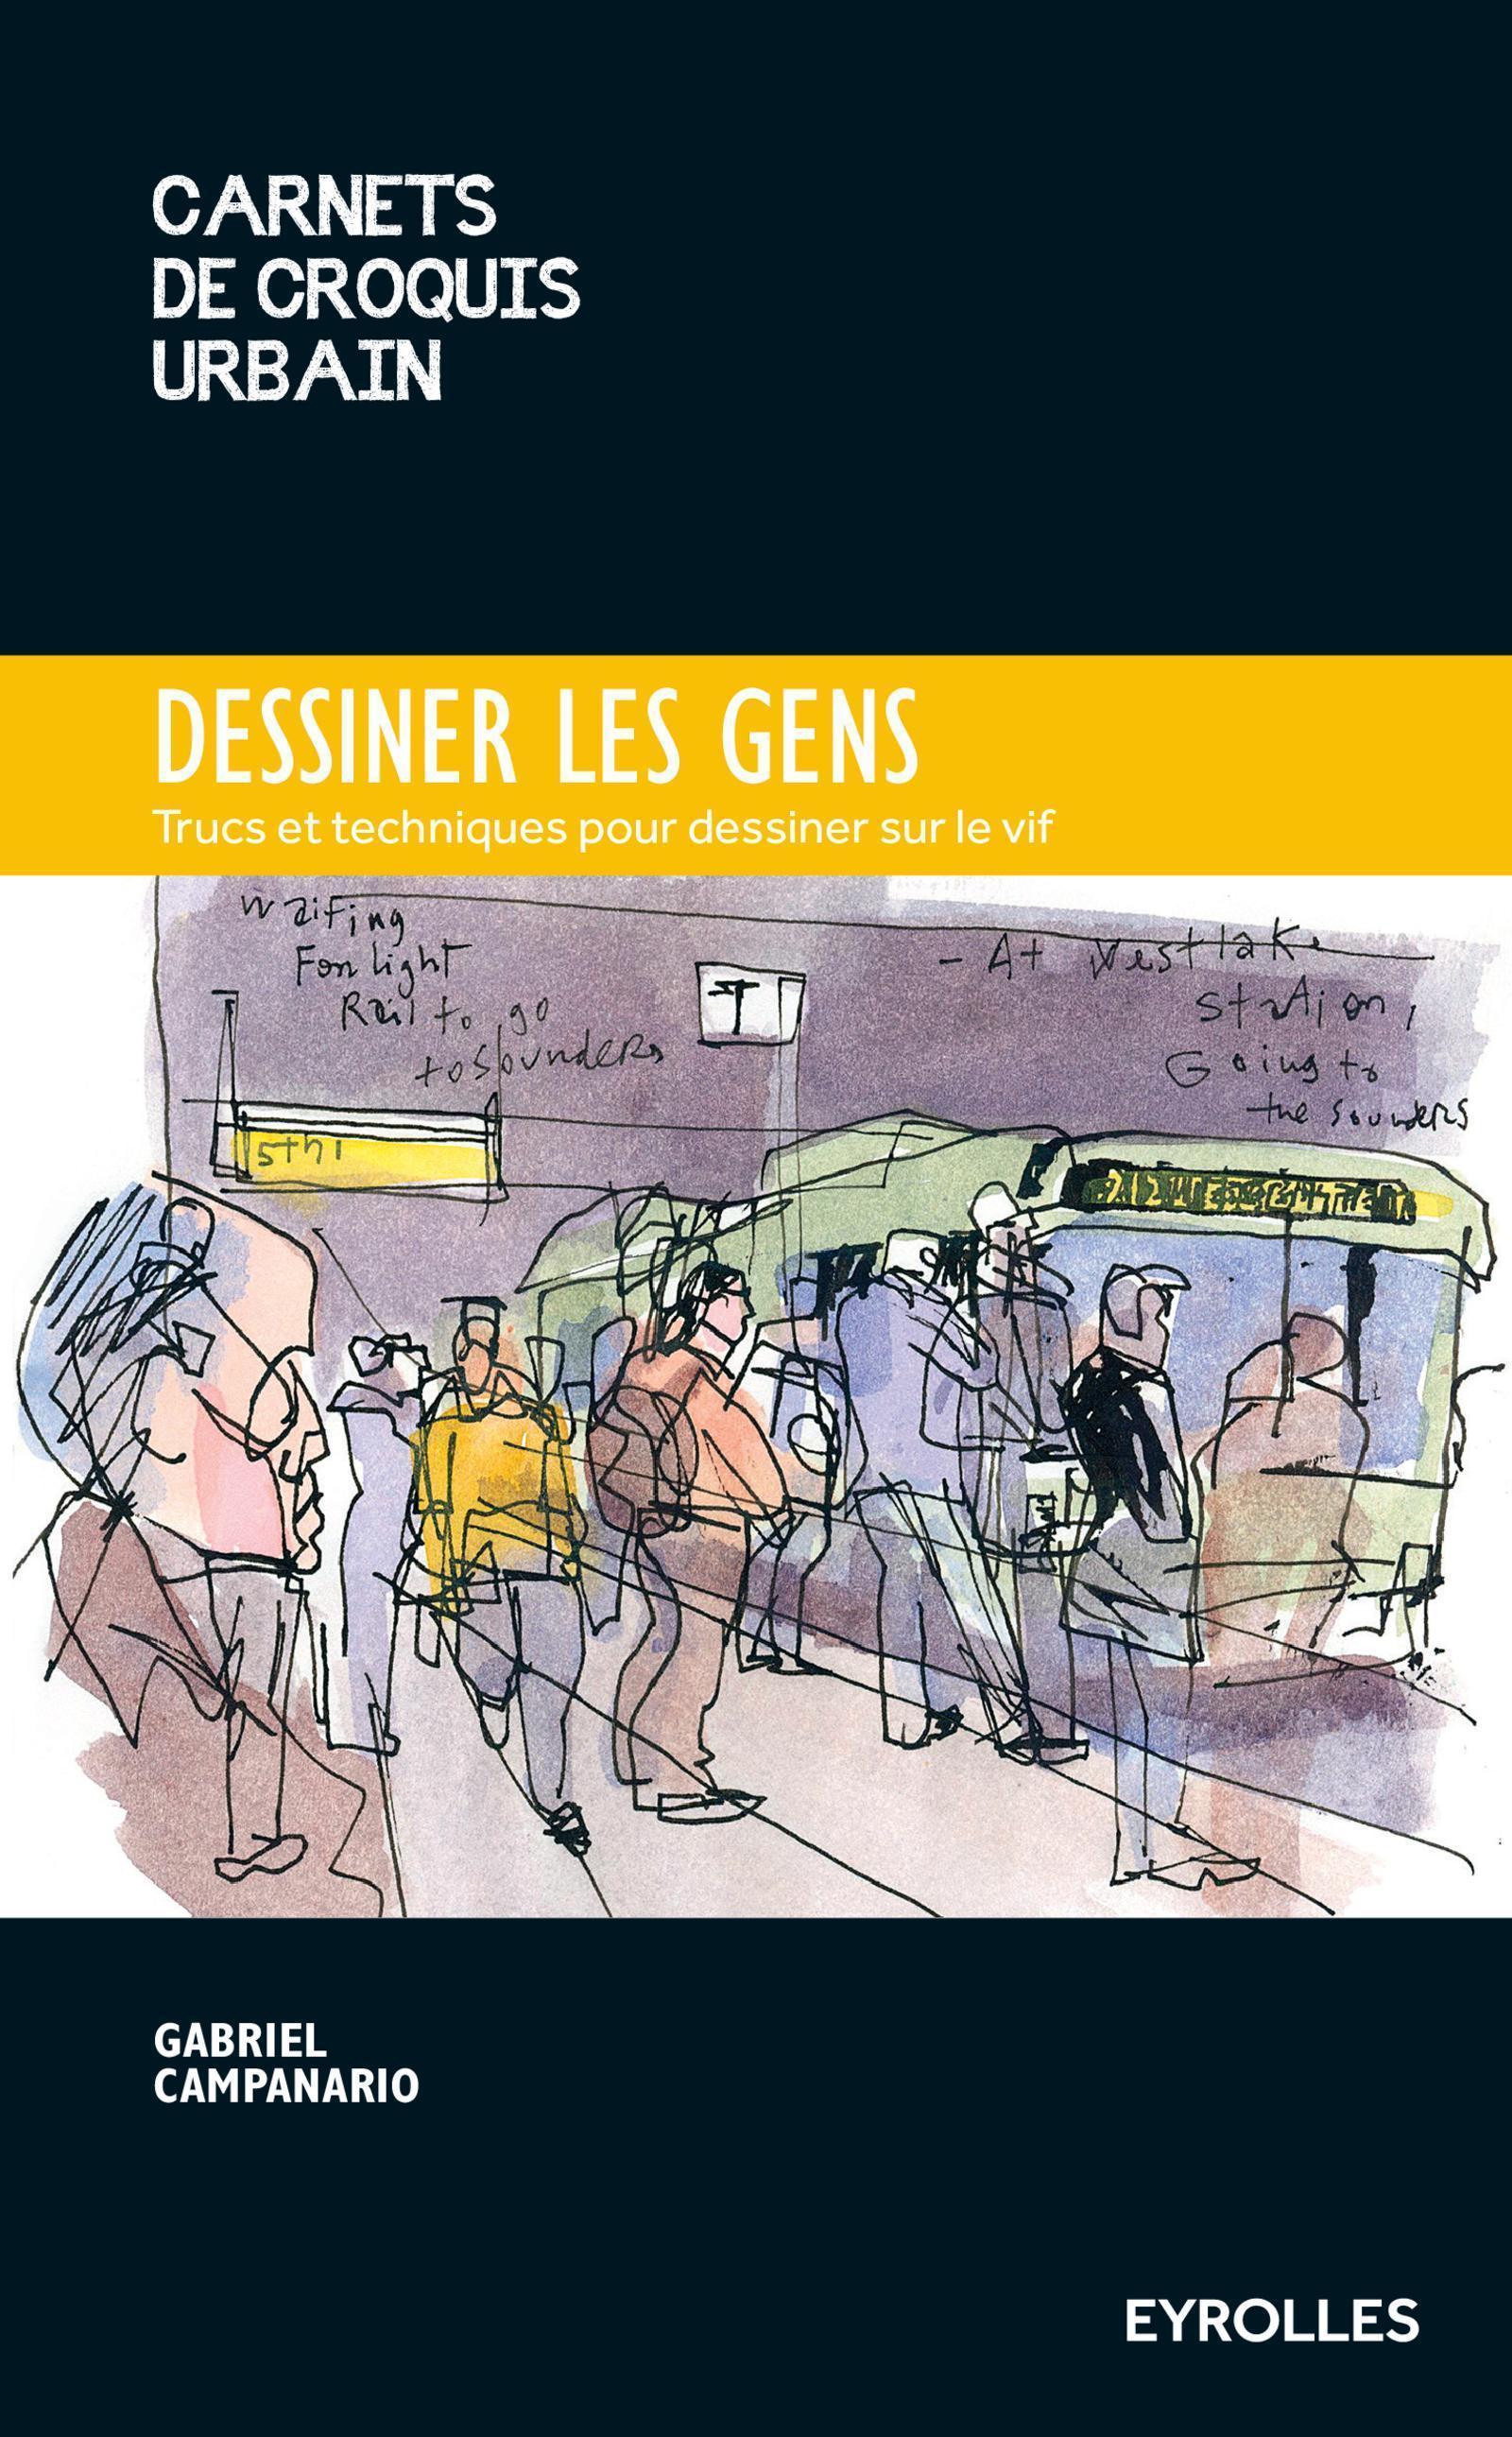 DESSINER LES GENS - TRUCS ET ASTUCES POUR DESSINER SUR LE VIF.